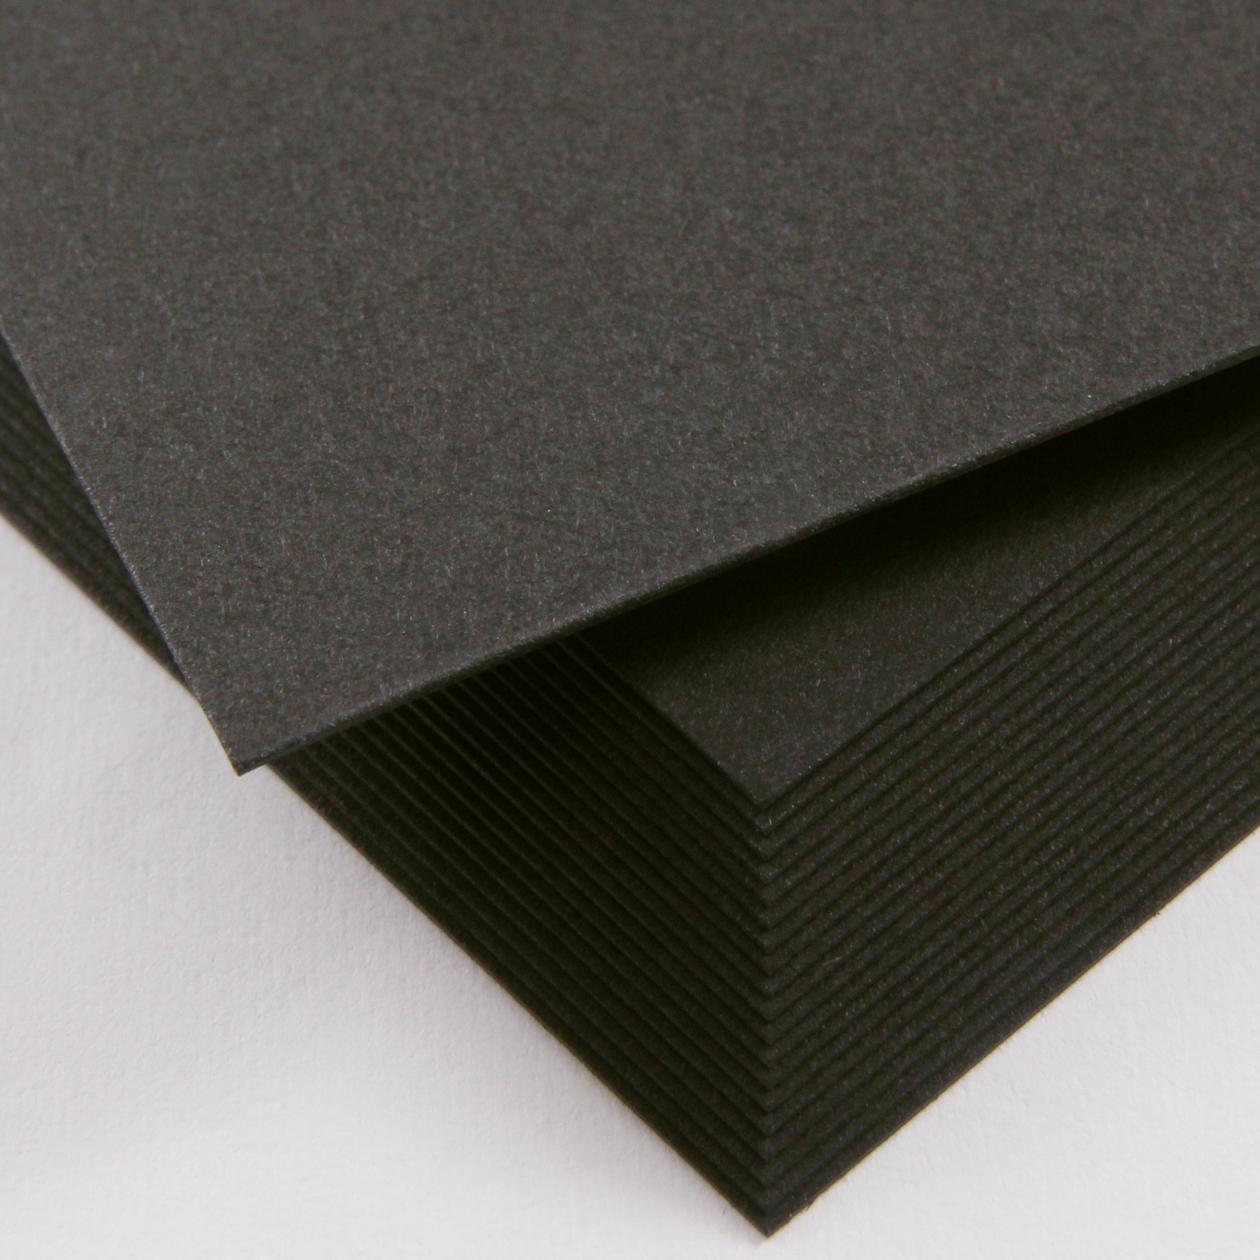 組箱 サイズA_06 ボード紙 ブラック 258.1g